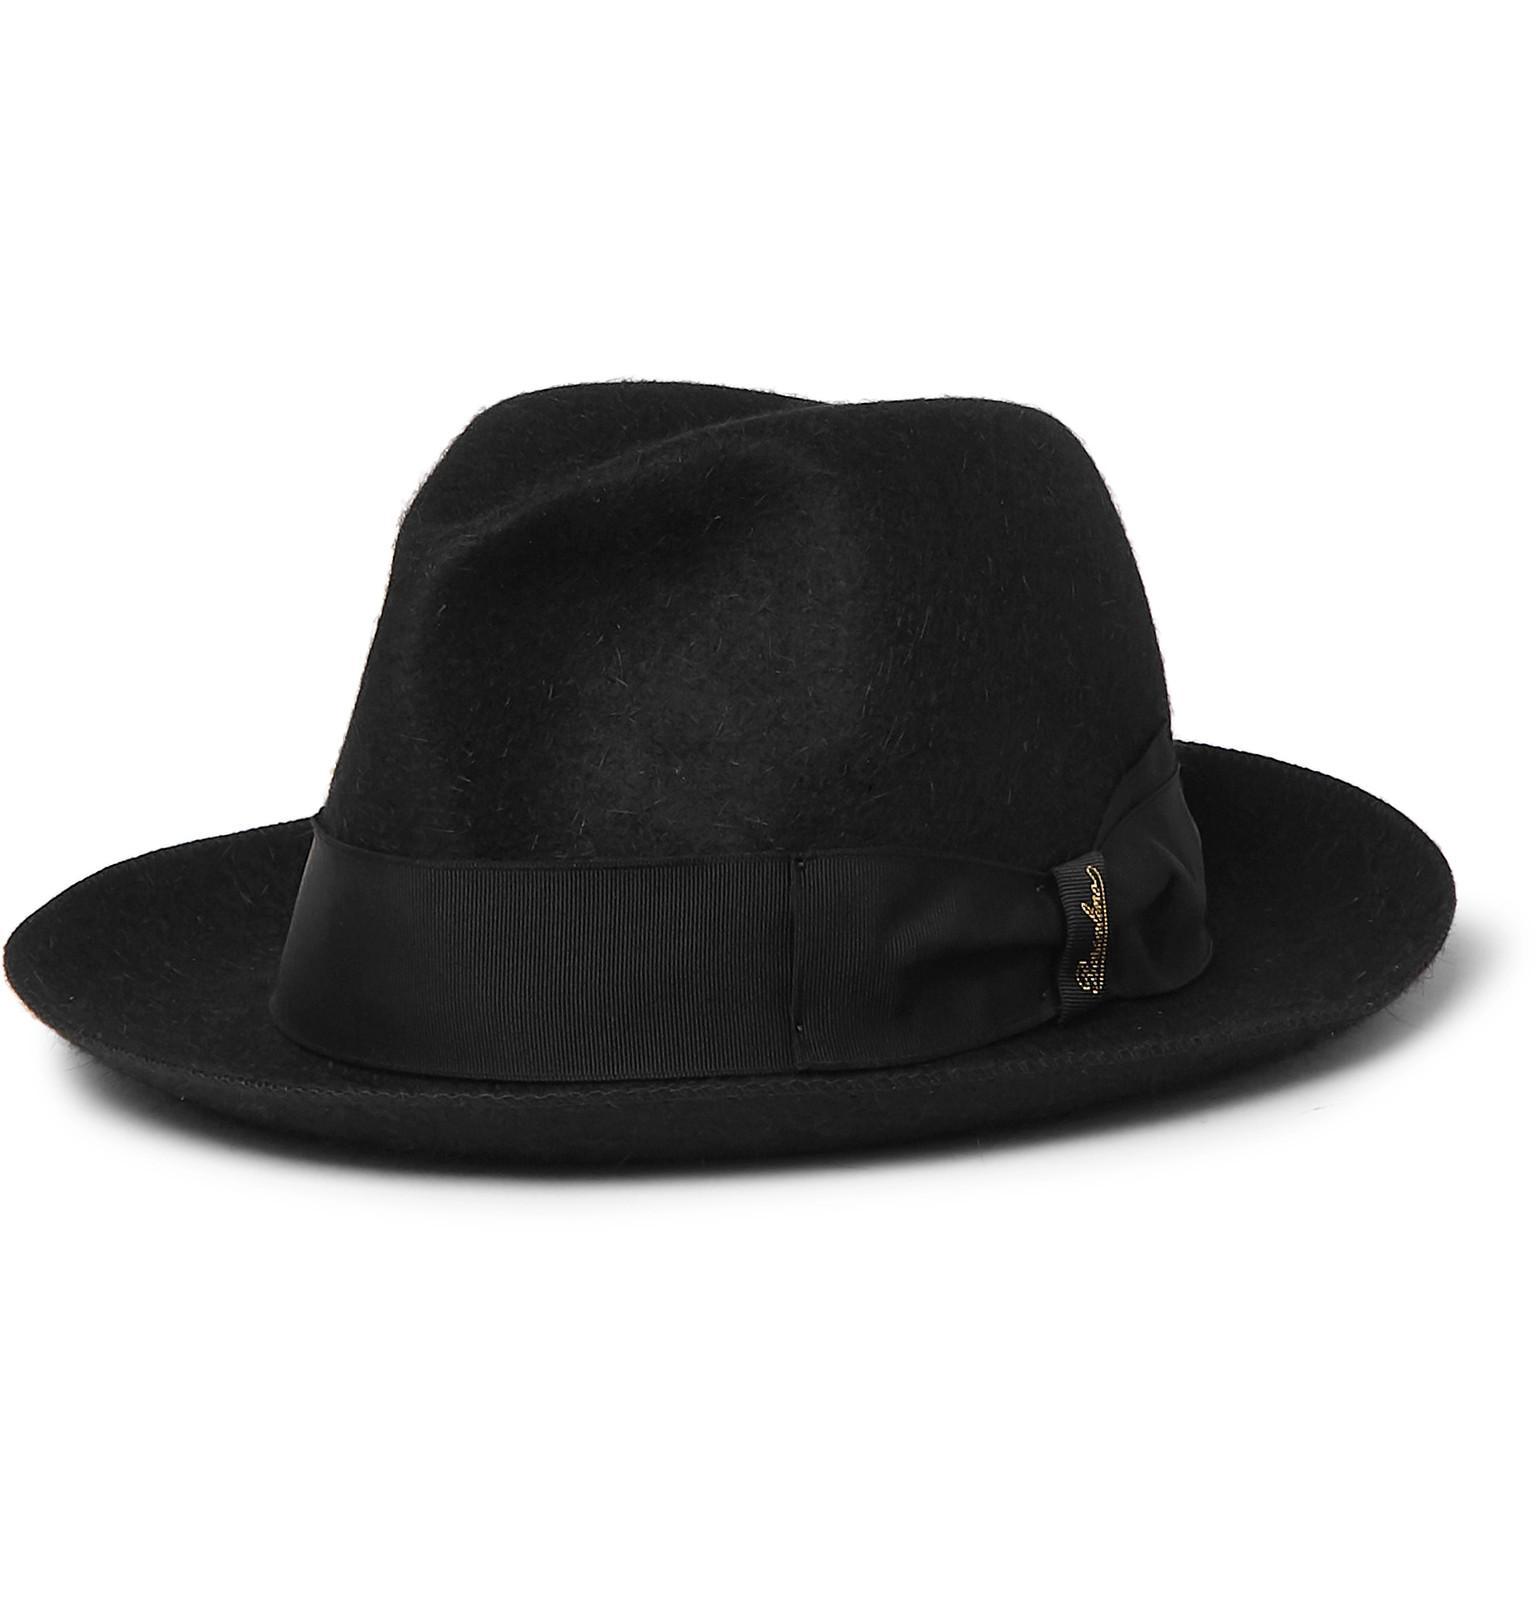 f10ed560066 Lyst - Borsalino Traveller Rabbit-felt Hat in Black for Men